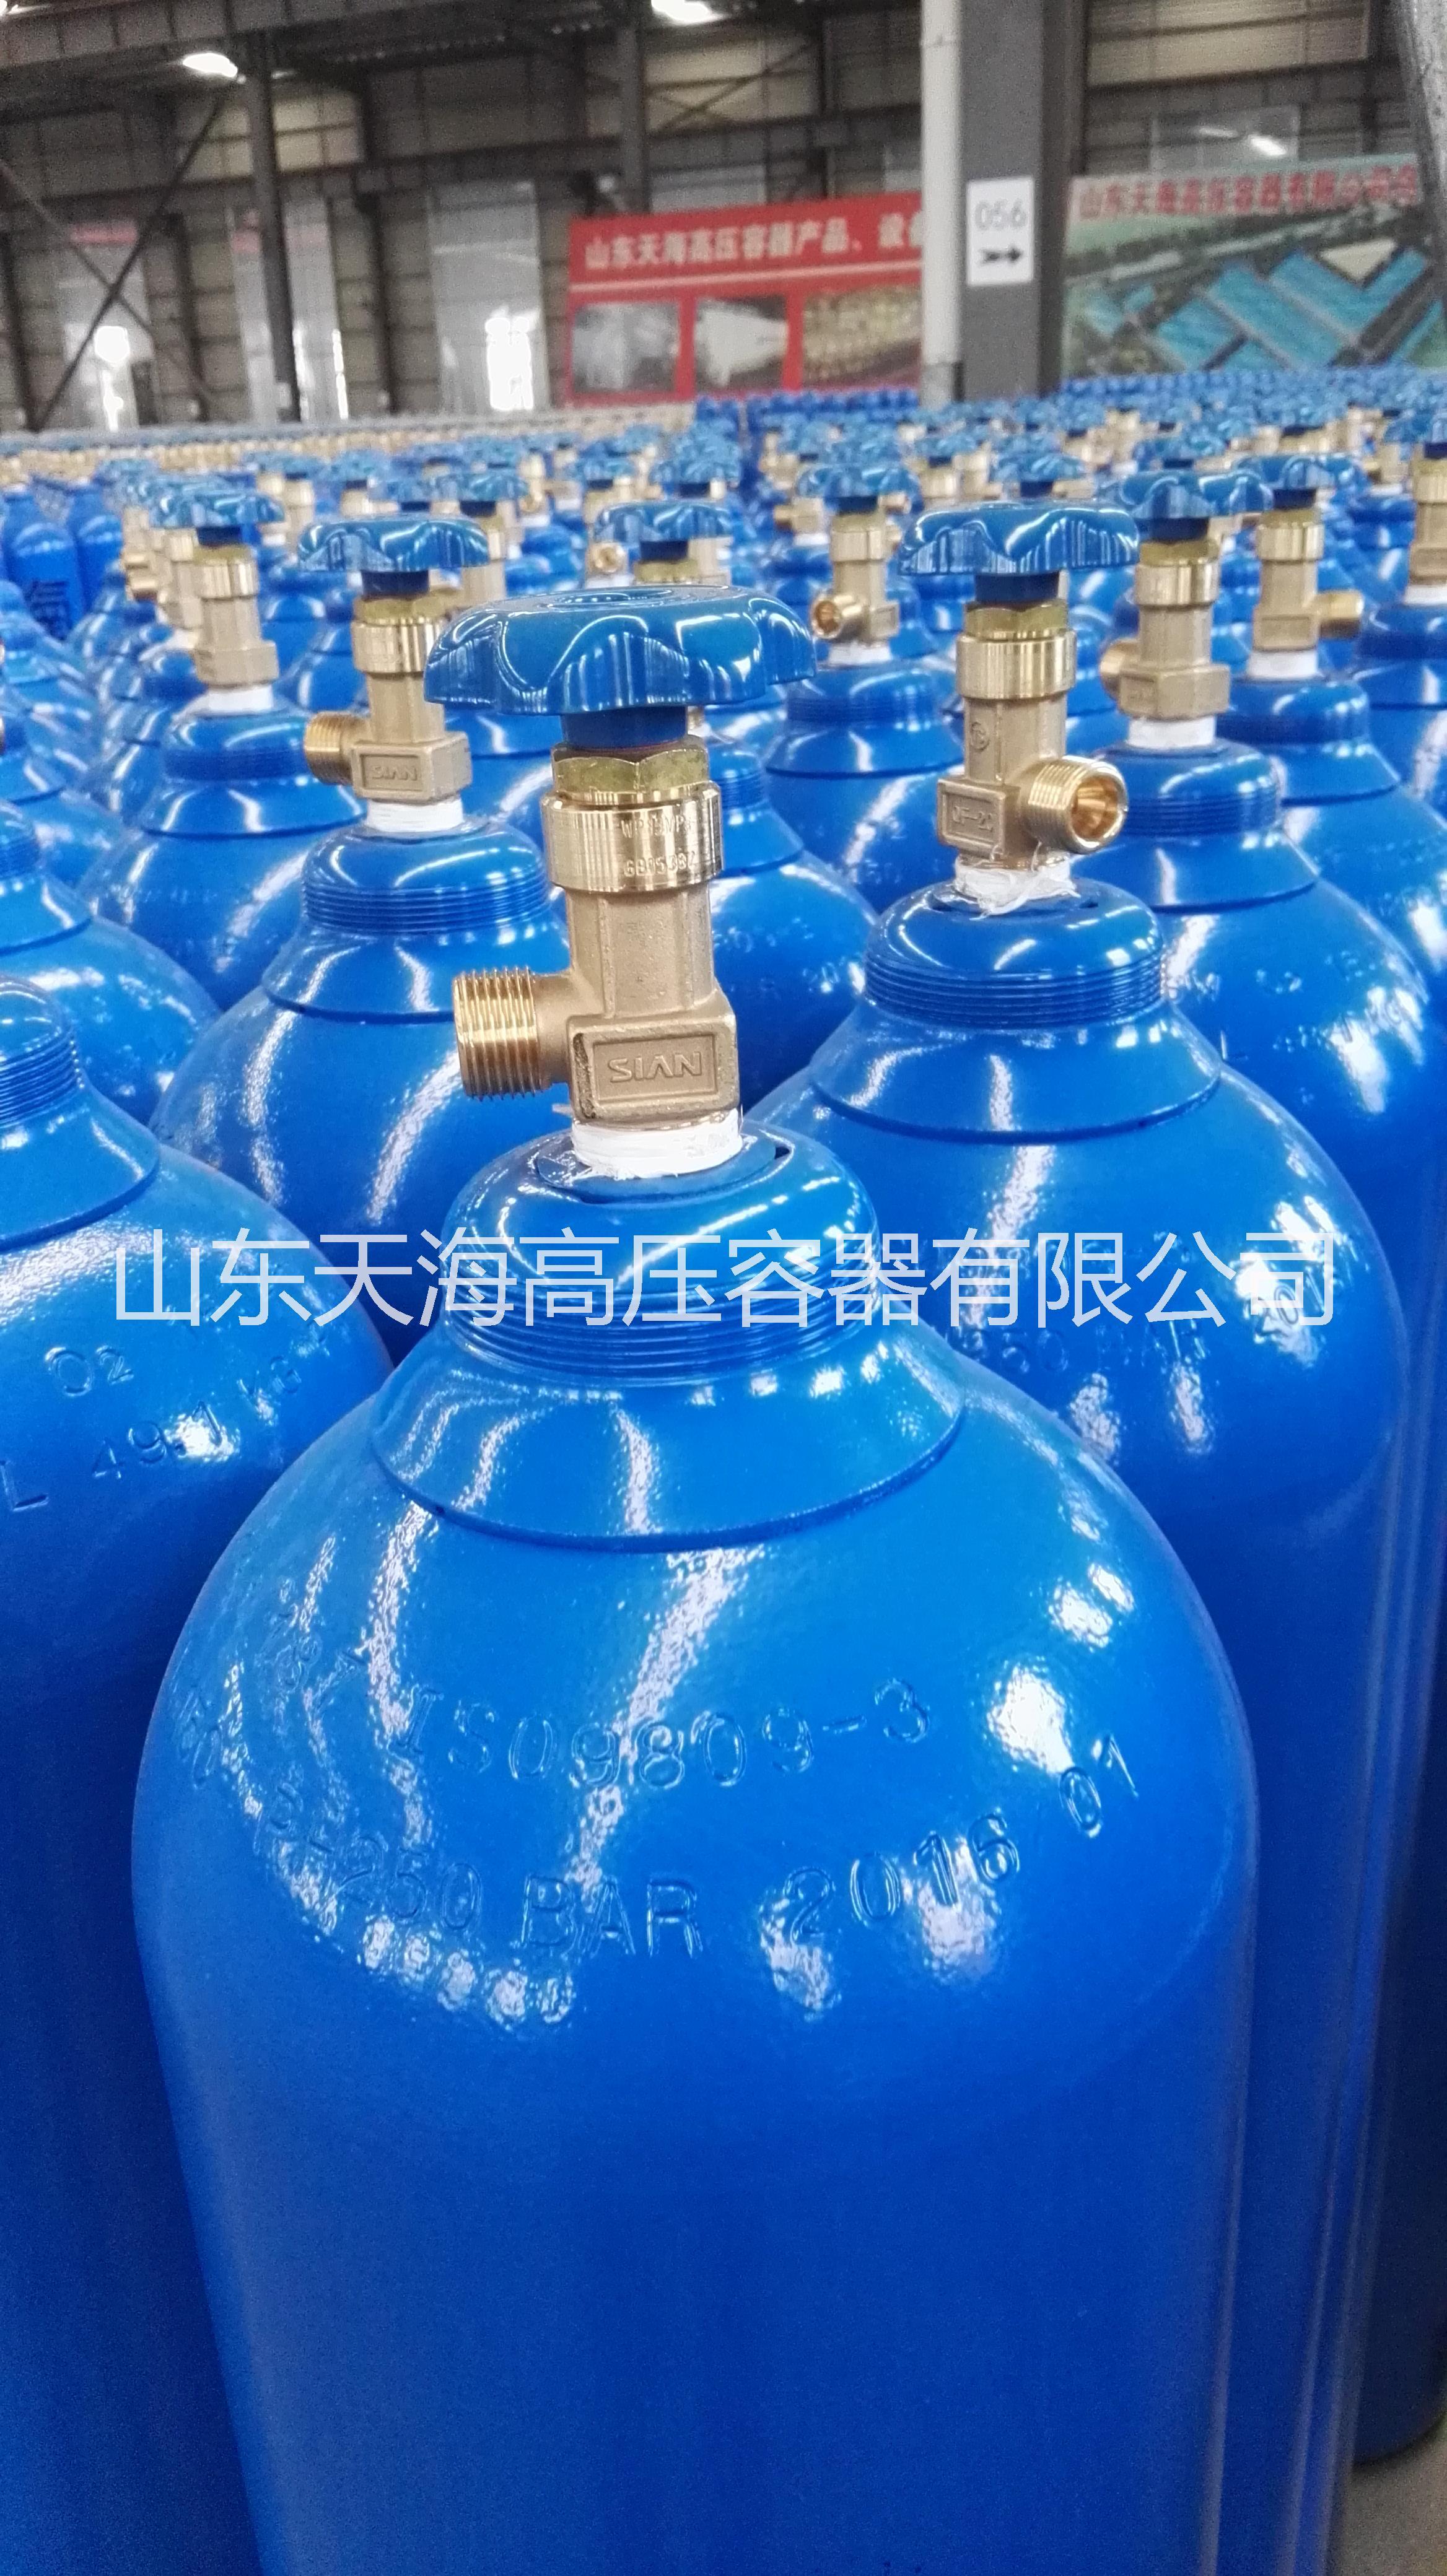 供应40升氩气瓶混合气瓶生产厂家在哪